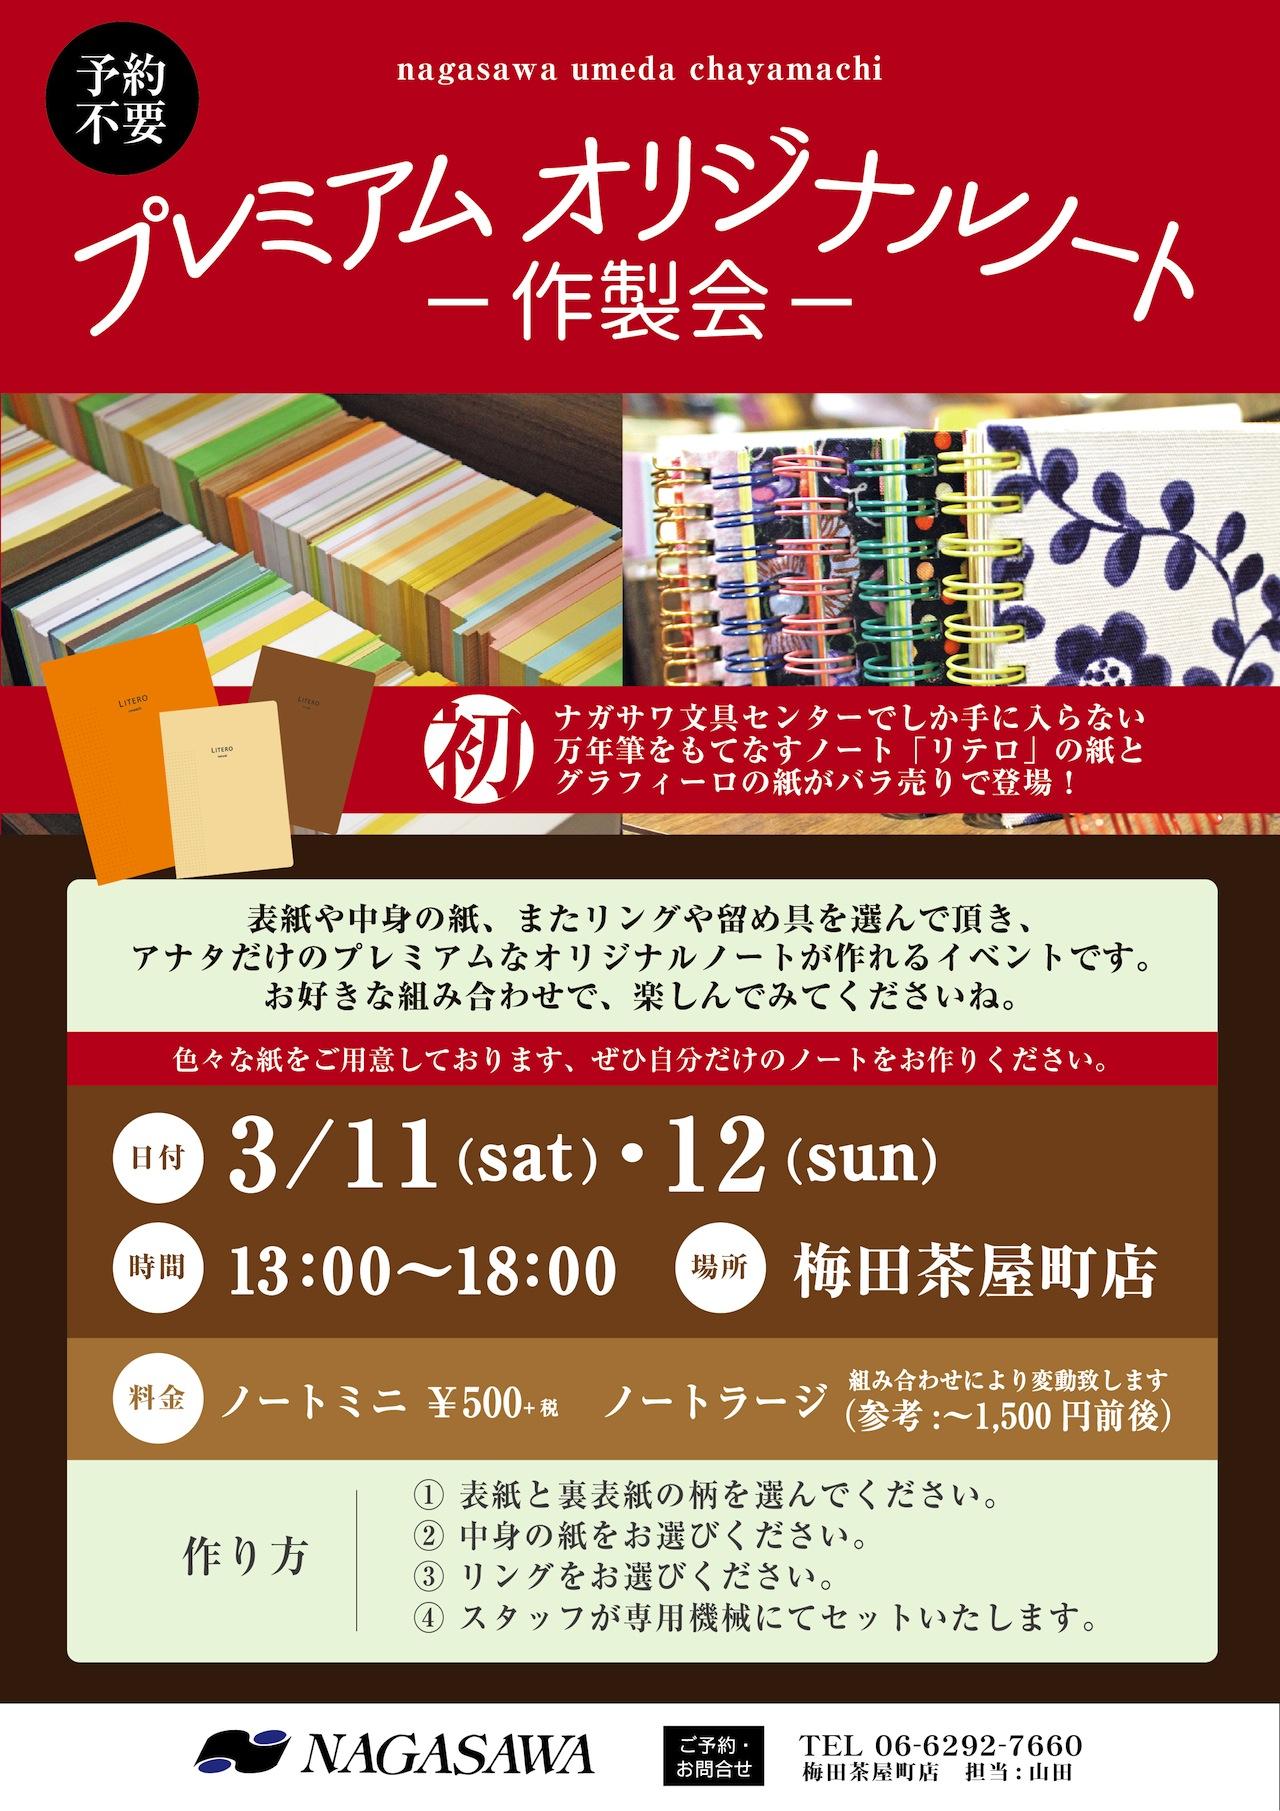 プレミアムオリジナルノート作製会! @NAGASAWA梅田茶屋町店